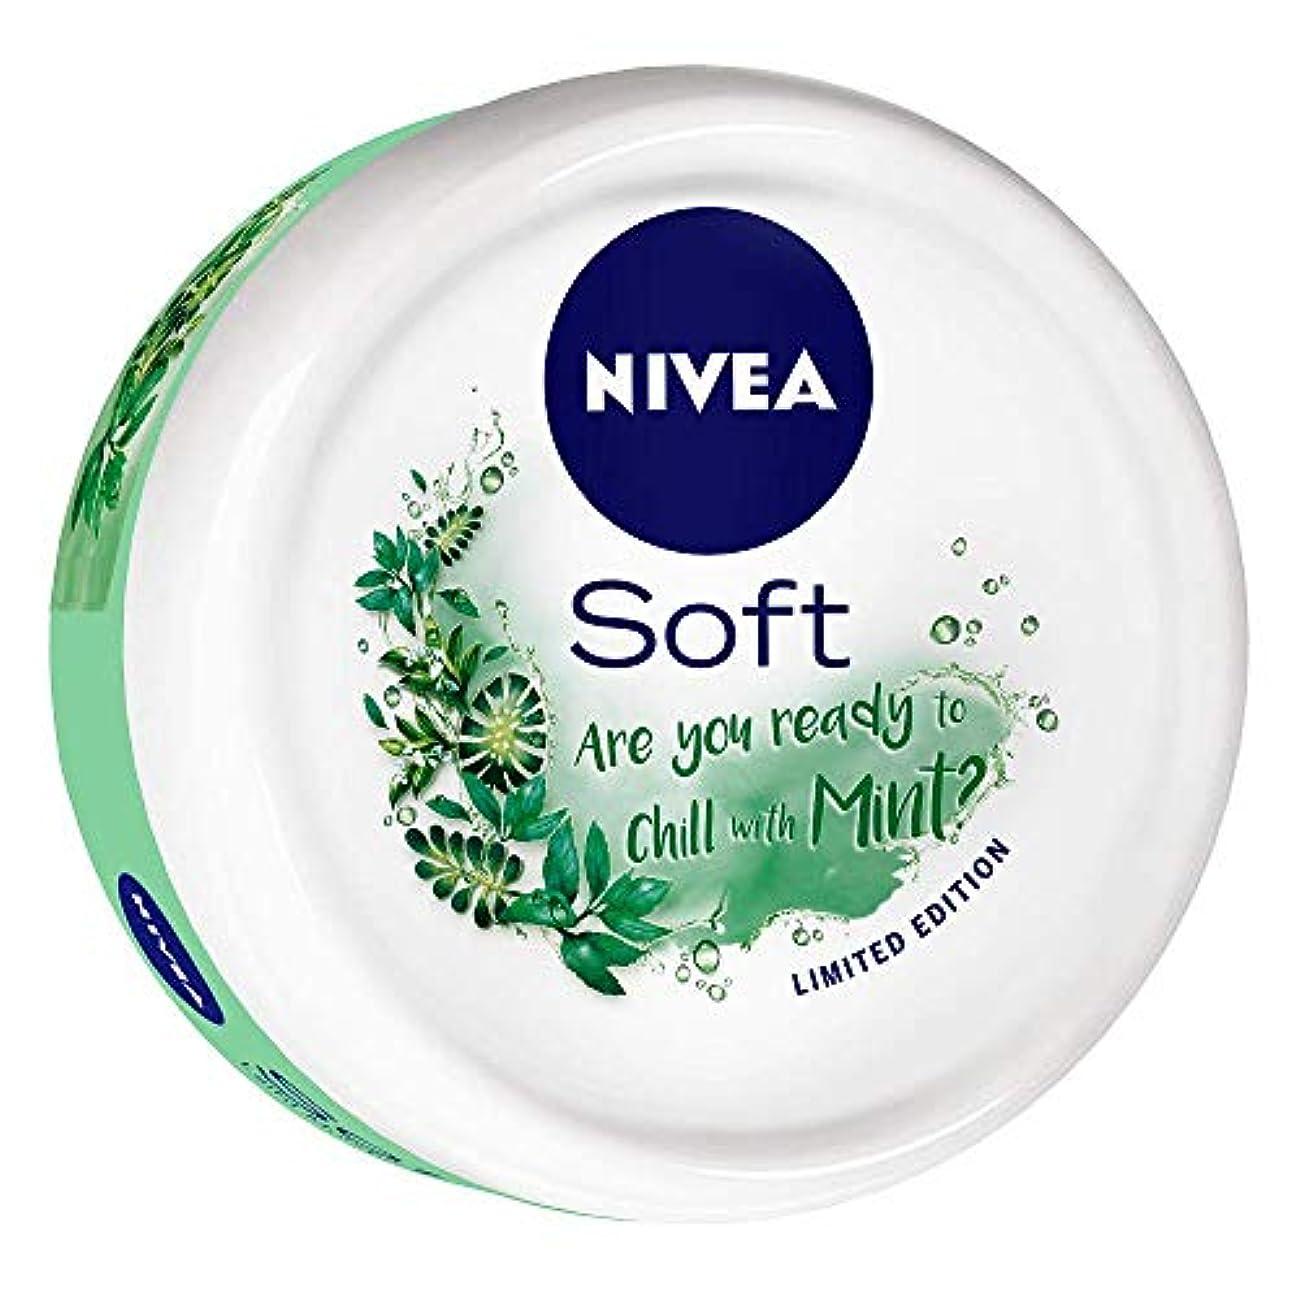 アレキサンダーグラハムベルアーティスト不利益NIVEA Soft Light Moisturizer Chilled Mint With Vitamin E & Jojoba Oil, 50 ml